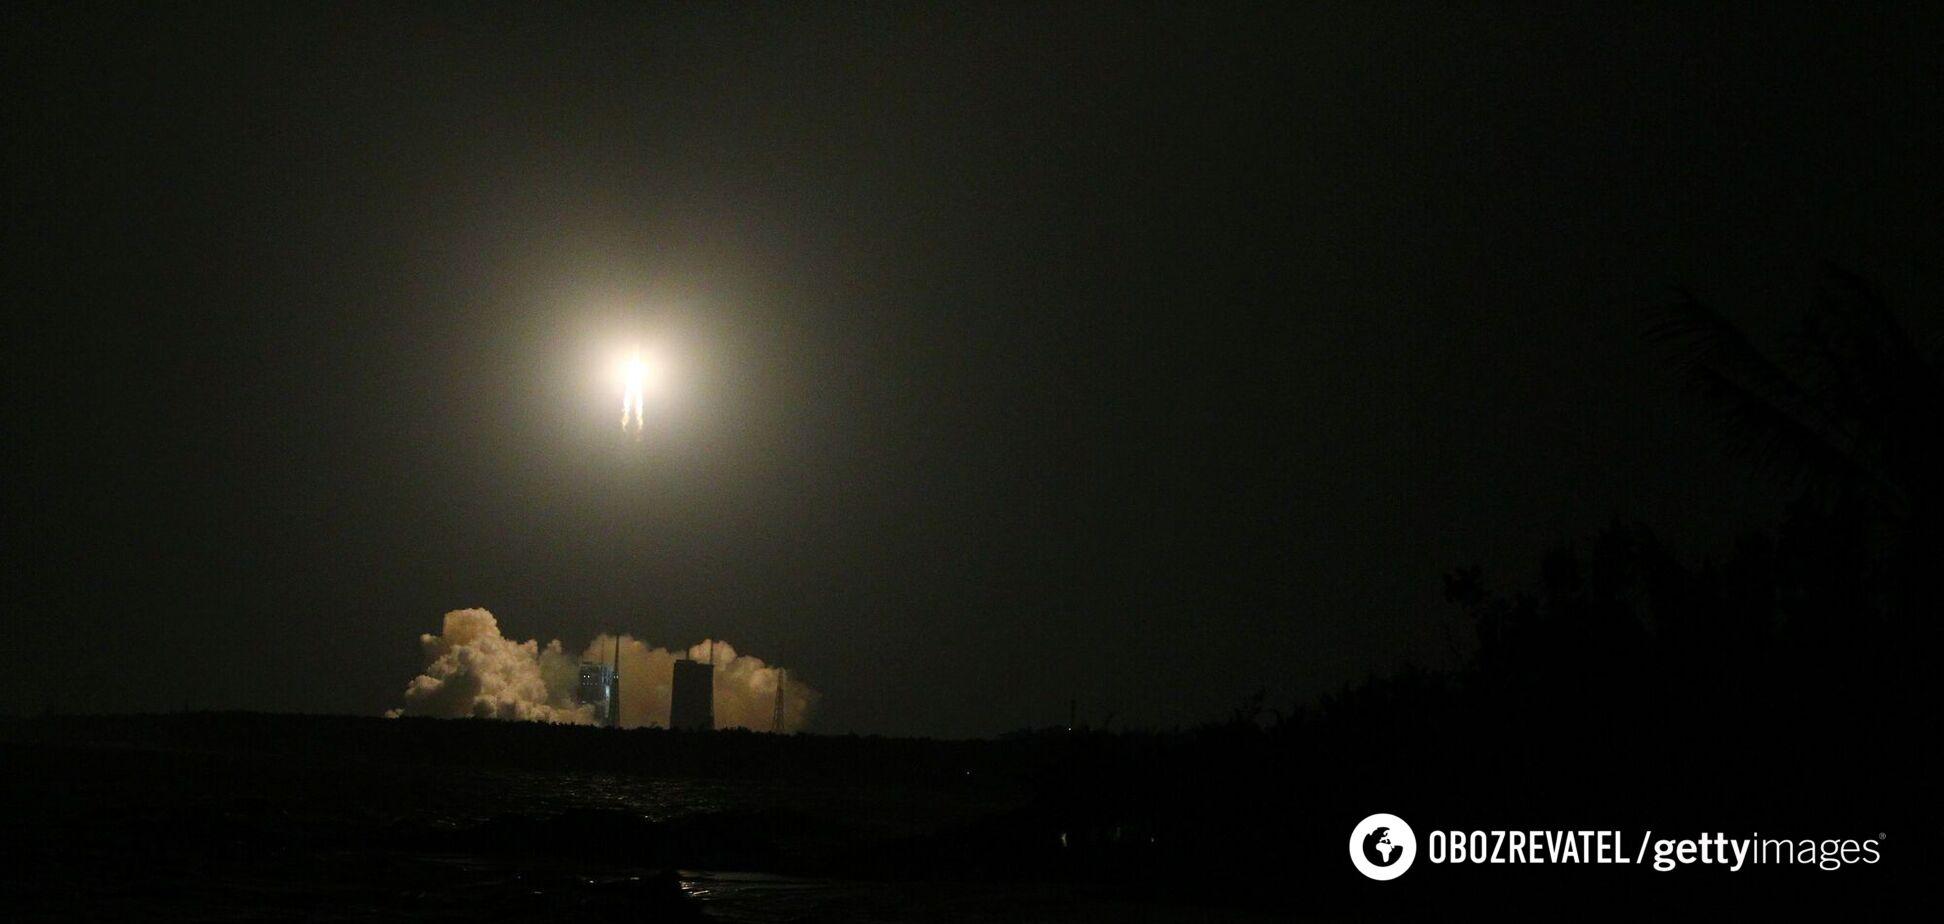 Названо місце падіння уламків некерованої китайської ракети